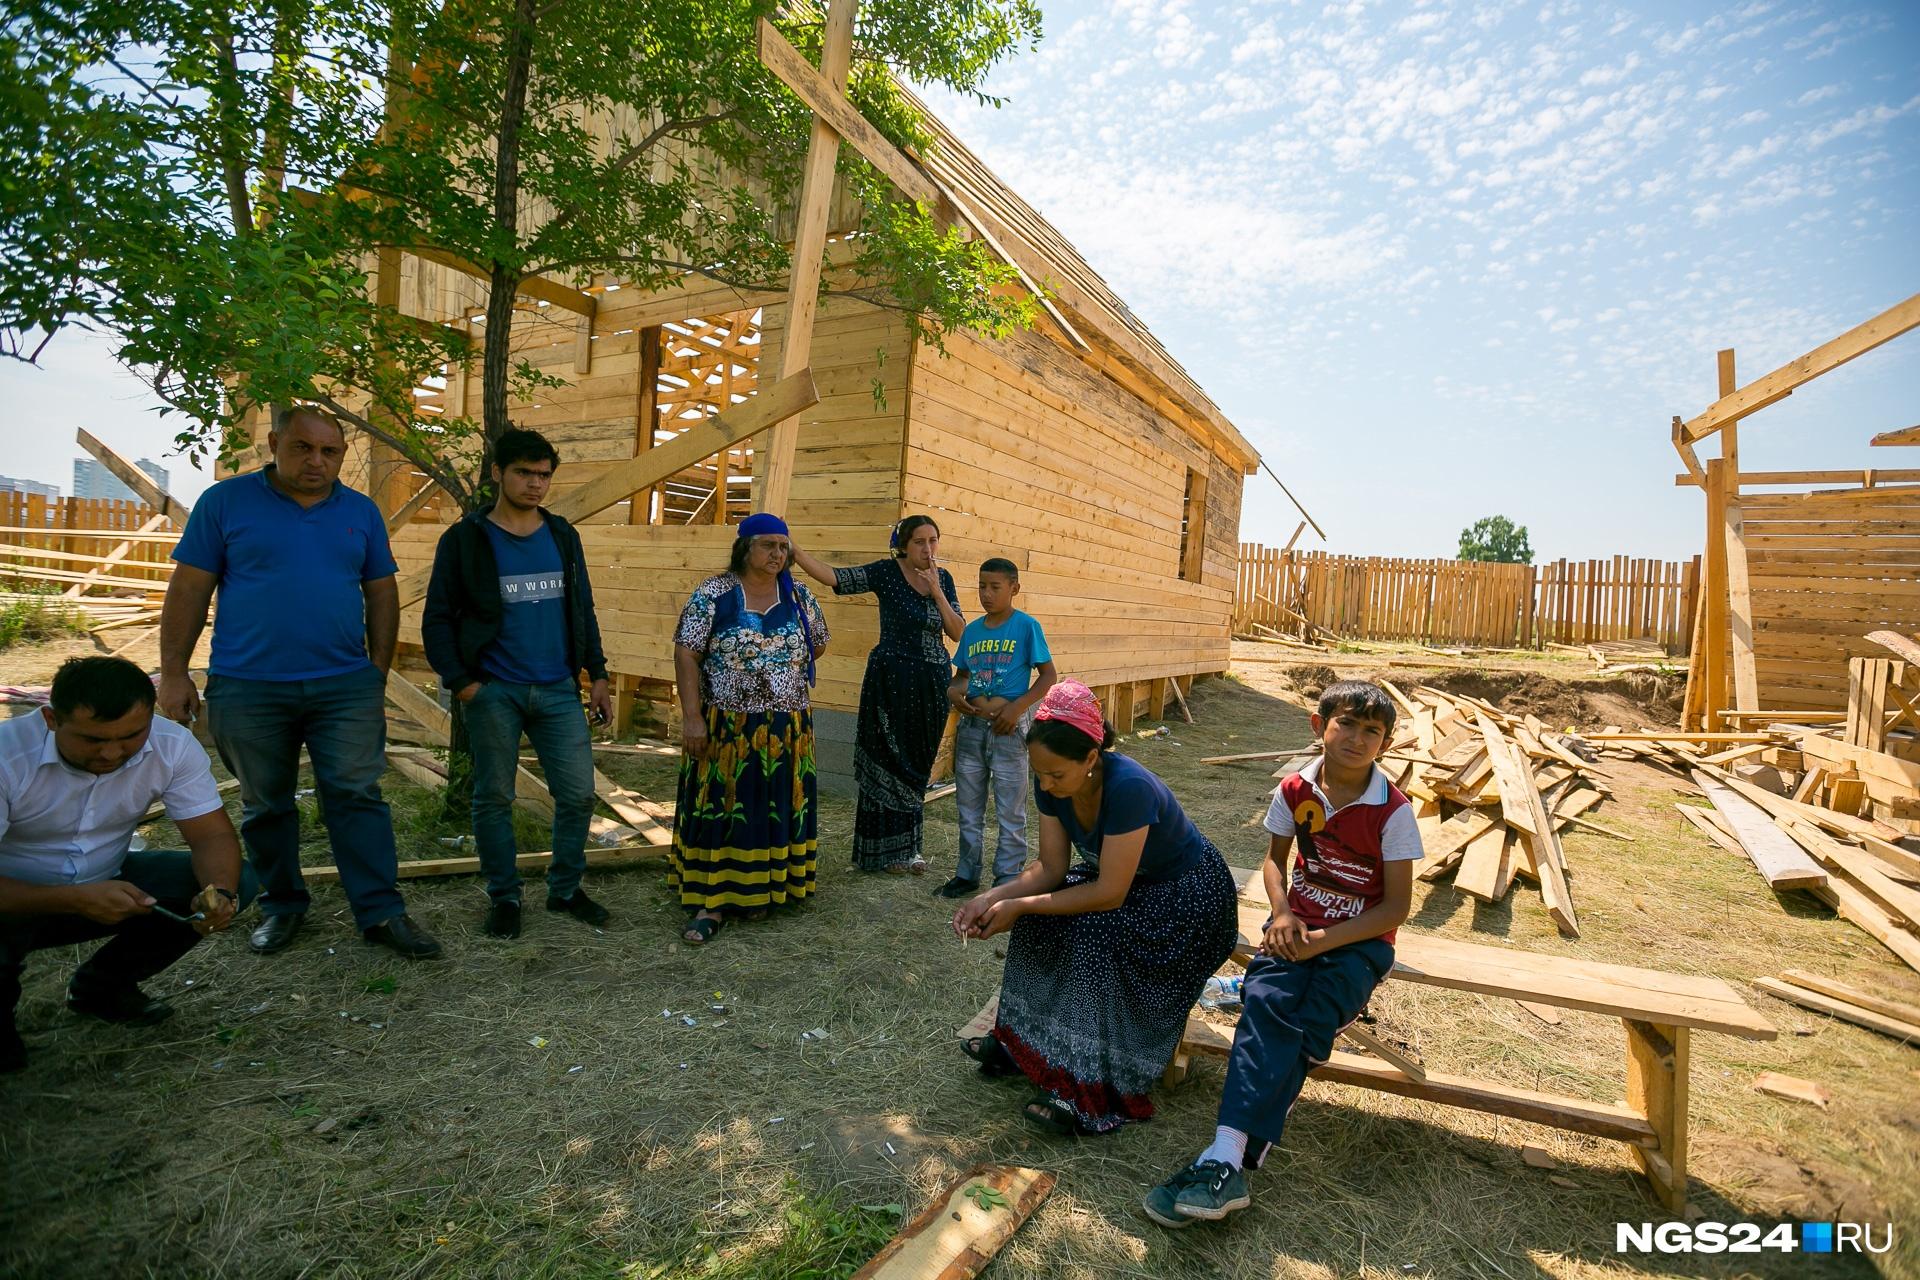 В Терентьево перебрались 12 семей, в каждой почти по 5–7 человек